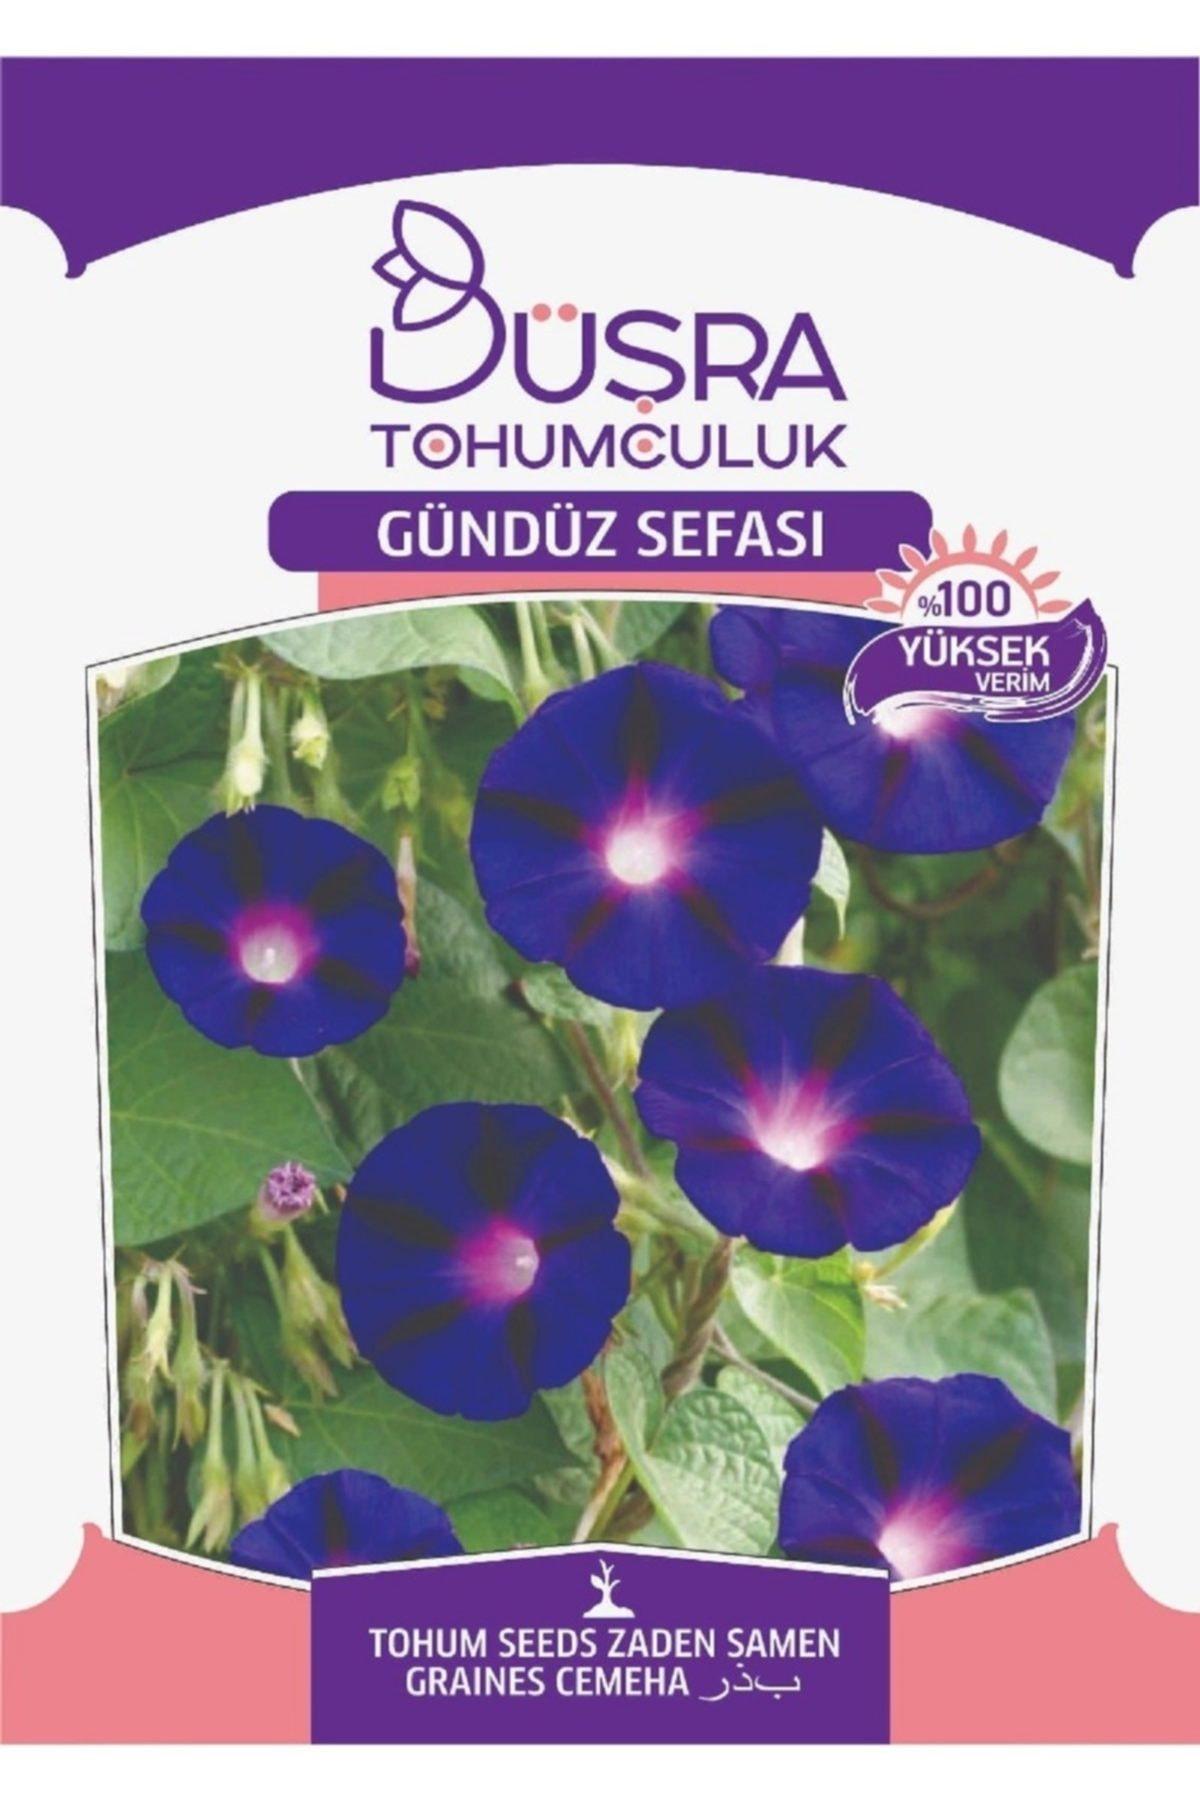 Gündüz Sefası Çiçeği Tohumu Paketi 15 Tohum